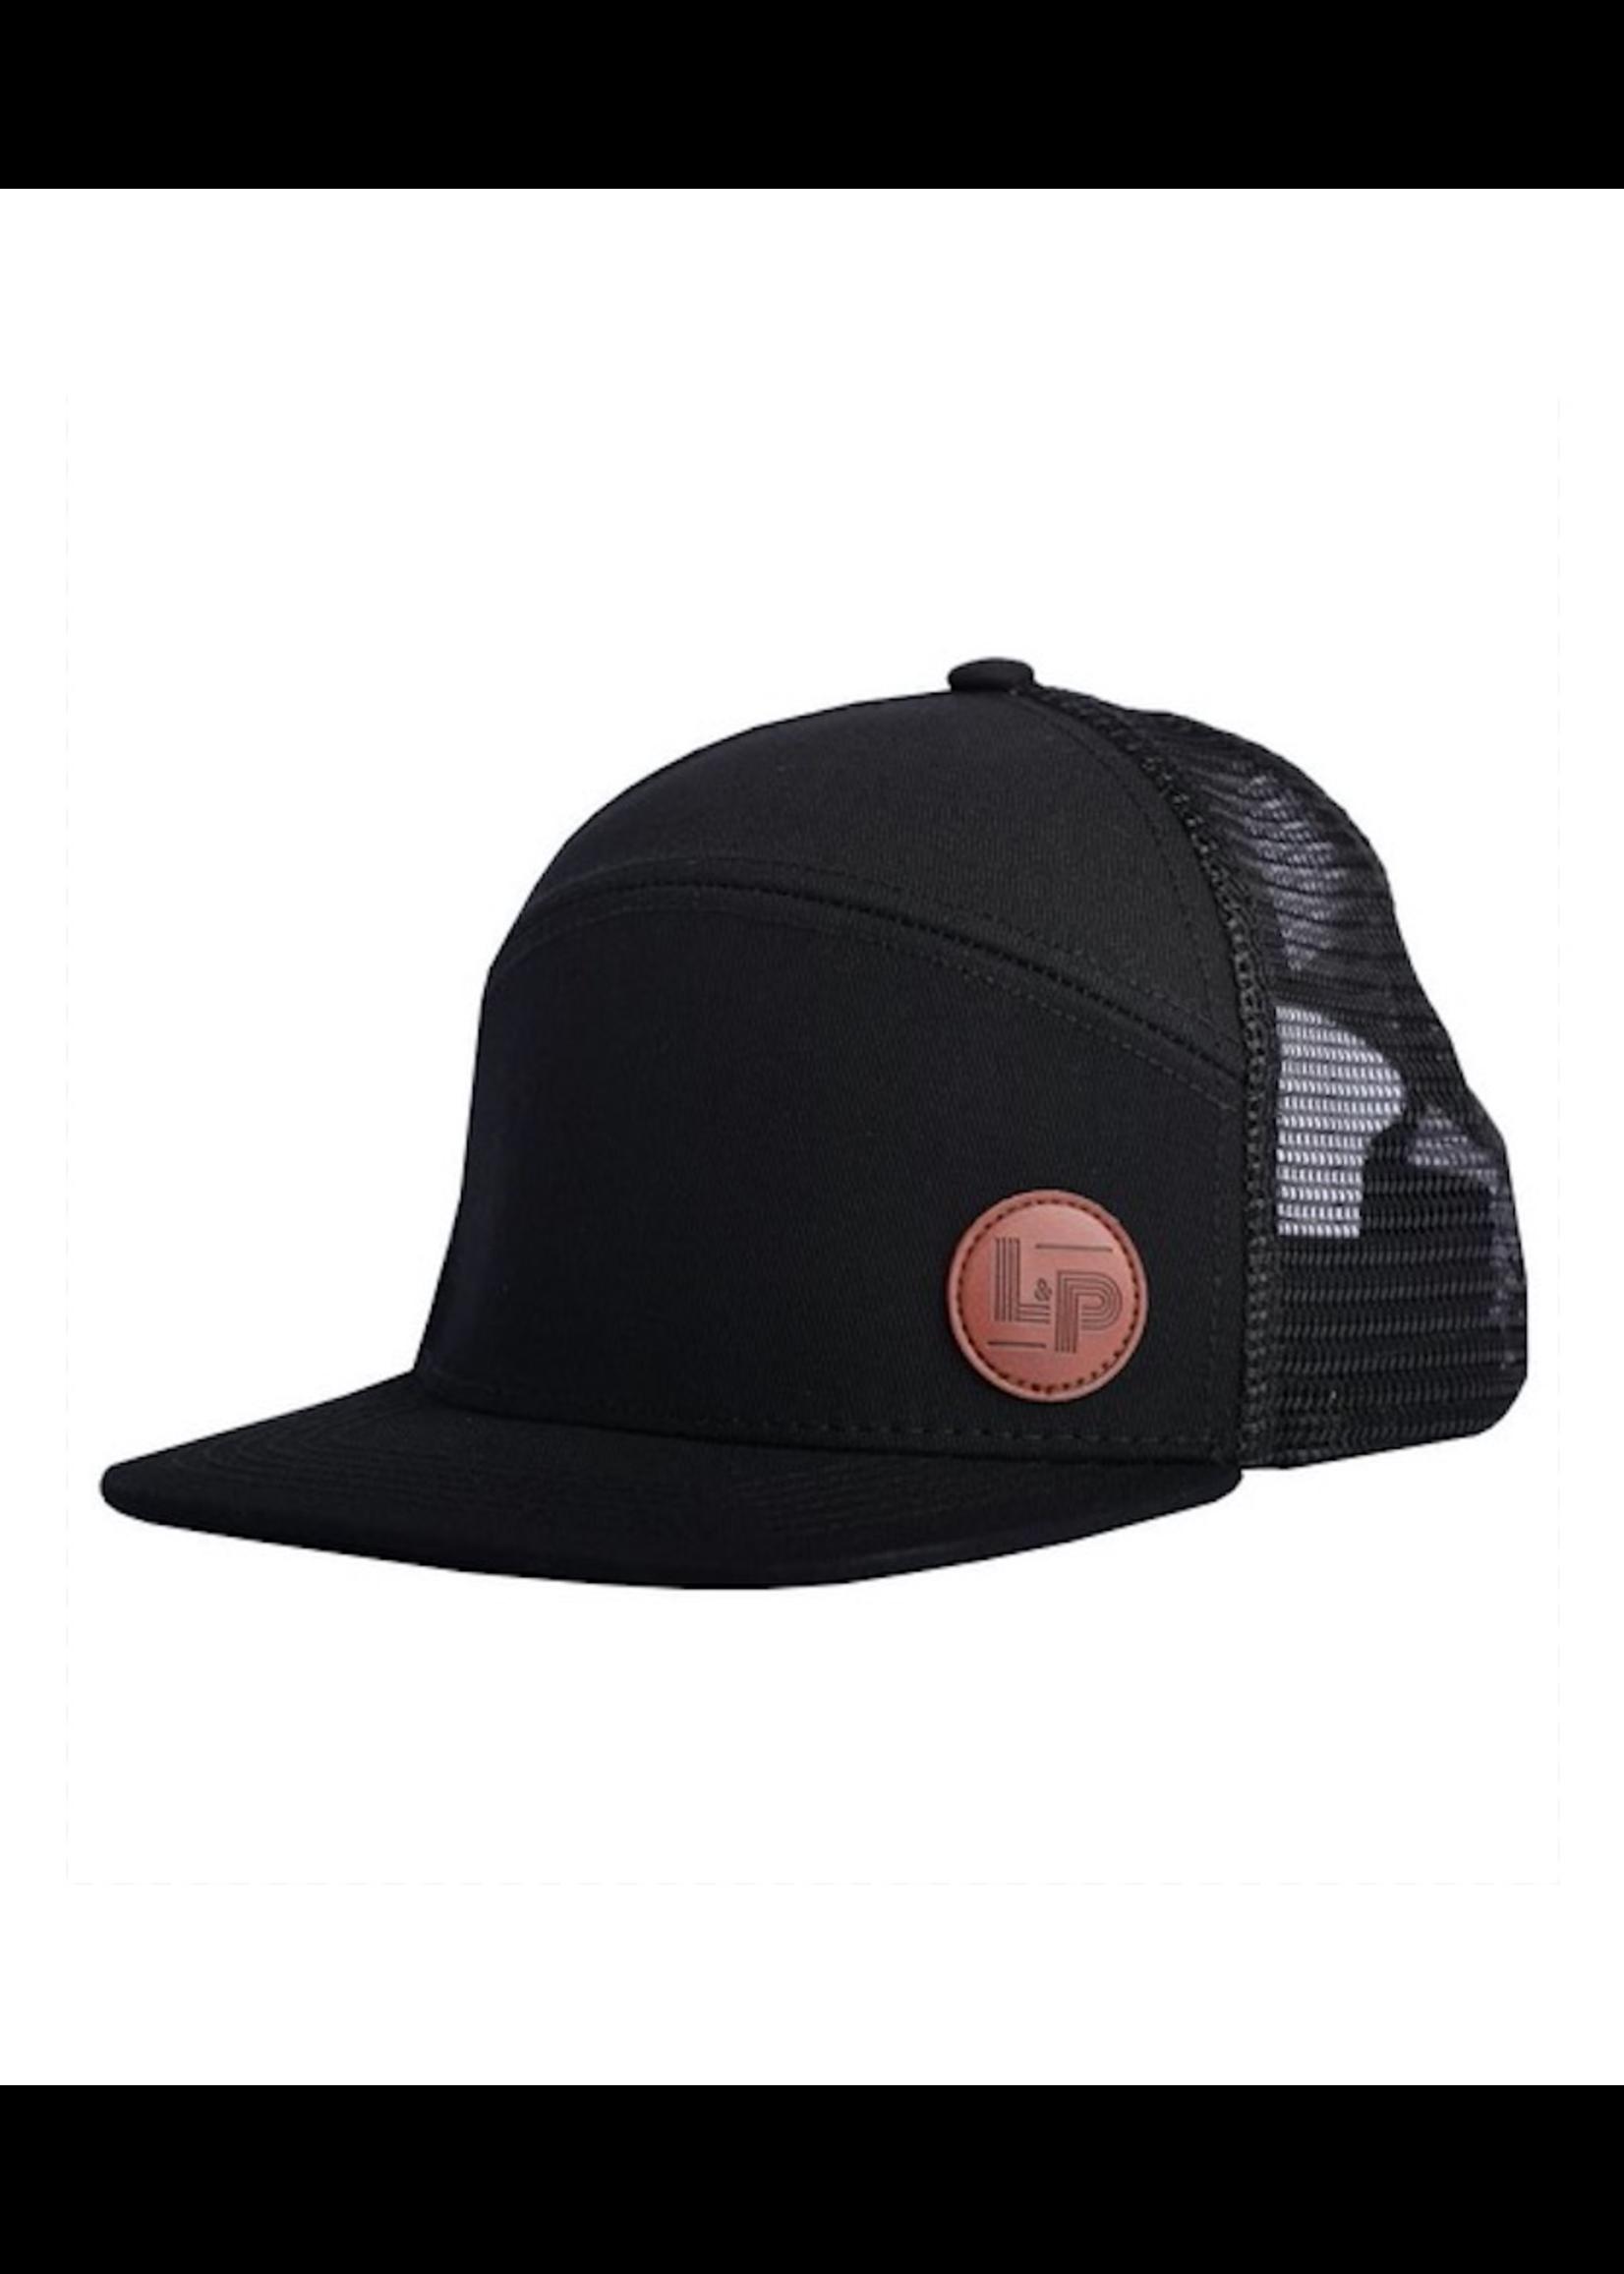 L&P Apparel L&P, All Black Orleans Snapback Trucker Cap